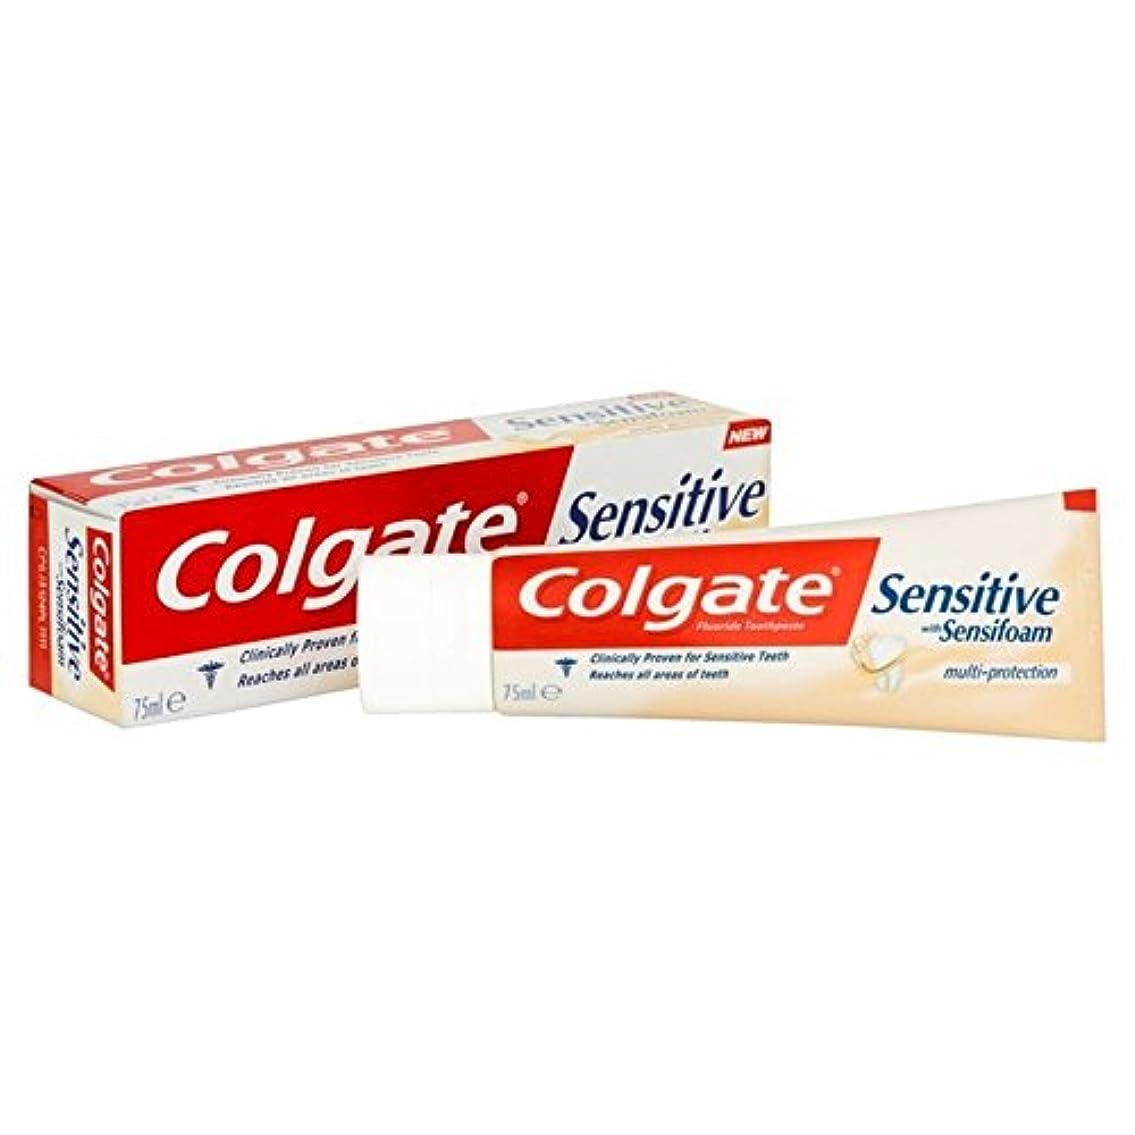 来て添加水分Colgate Sensitive Foam Multi Protect Toothpaste 75ml - コルゲート敏感な泡は、マルチ歯磨き粉75ミリリットルを保護します [並行輸入品]